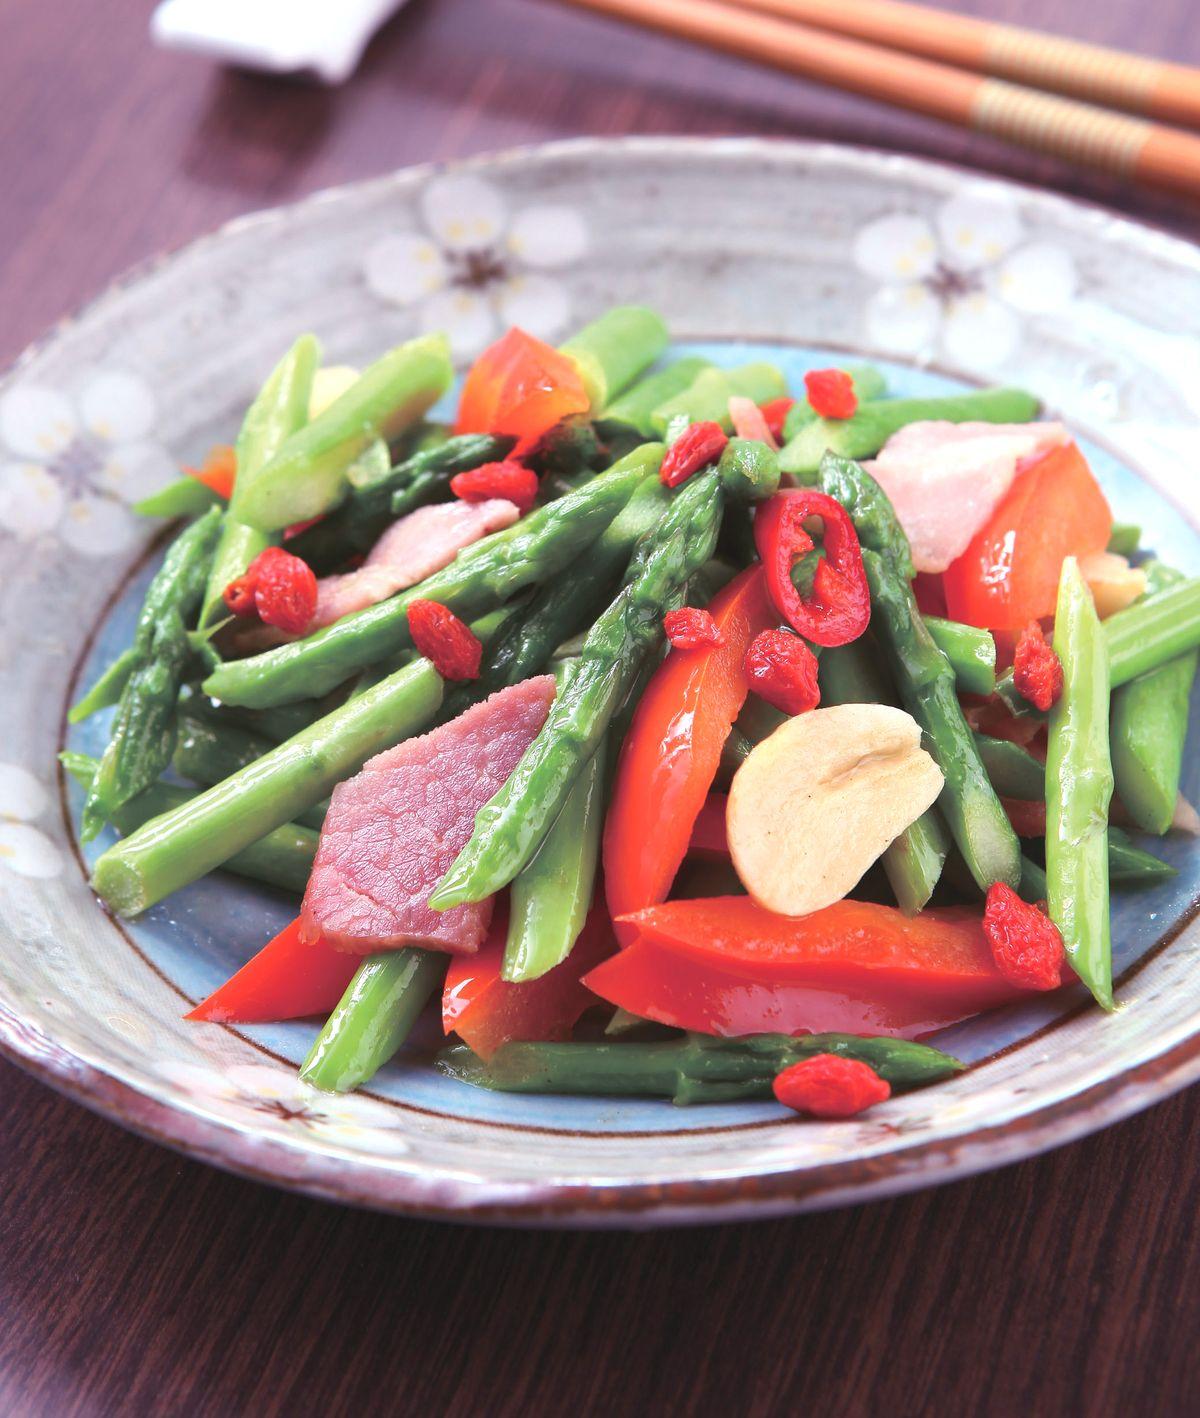 食譜:培根炒蘆筍